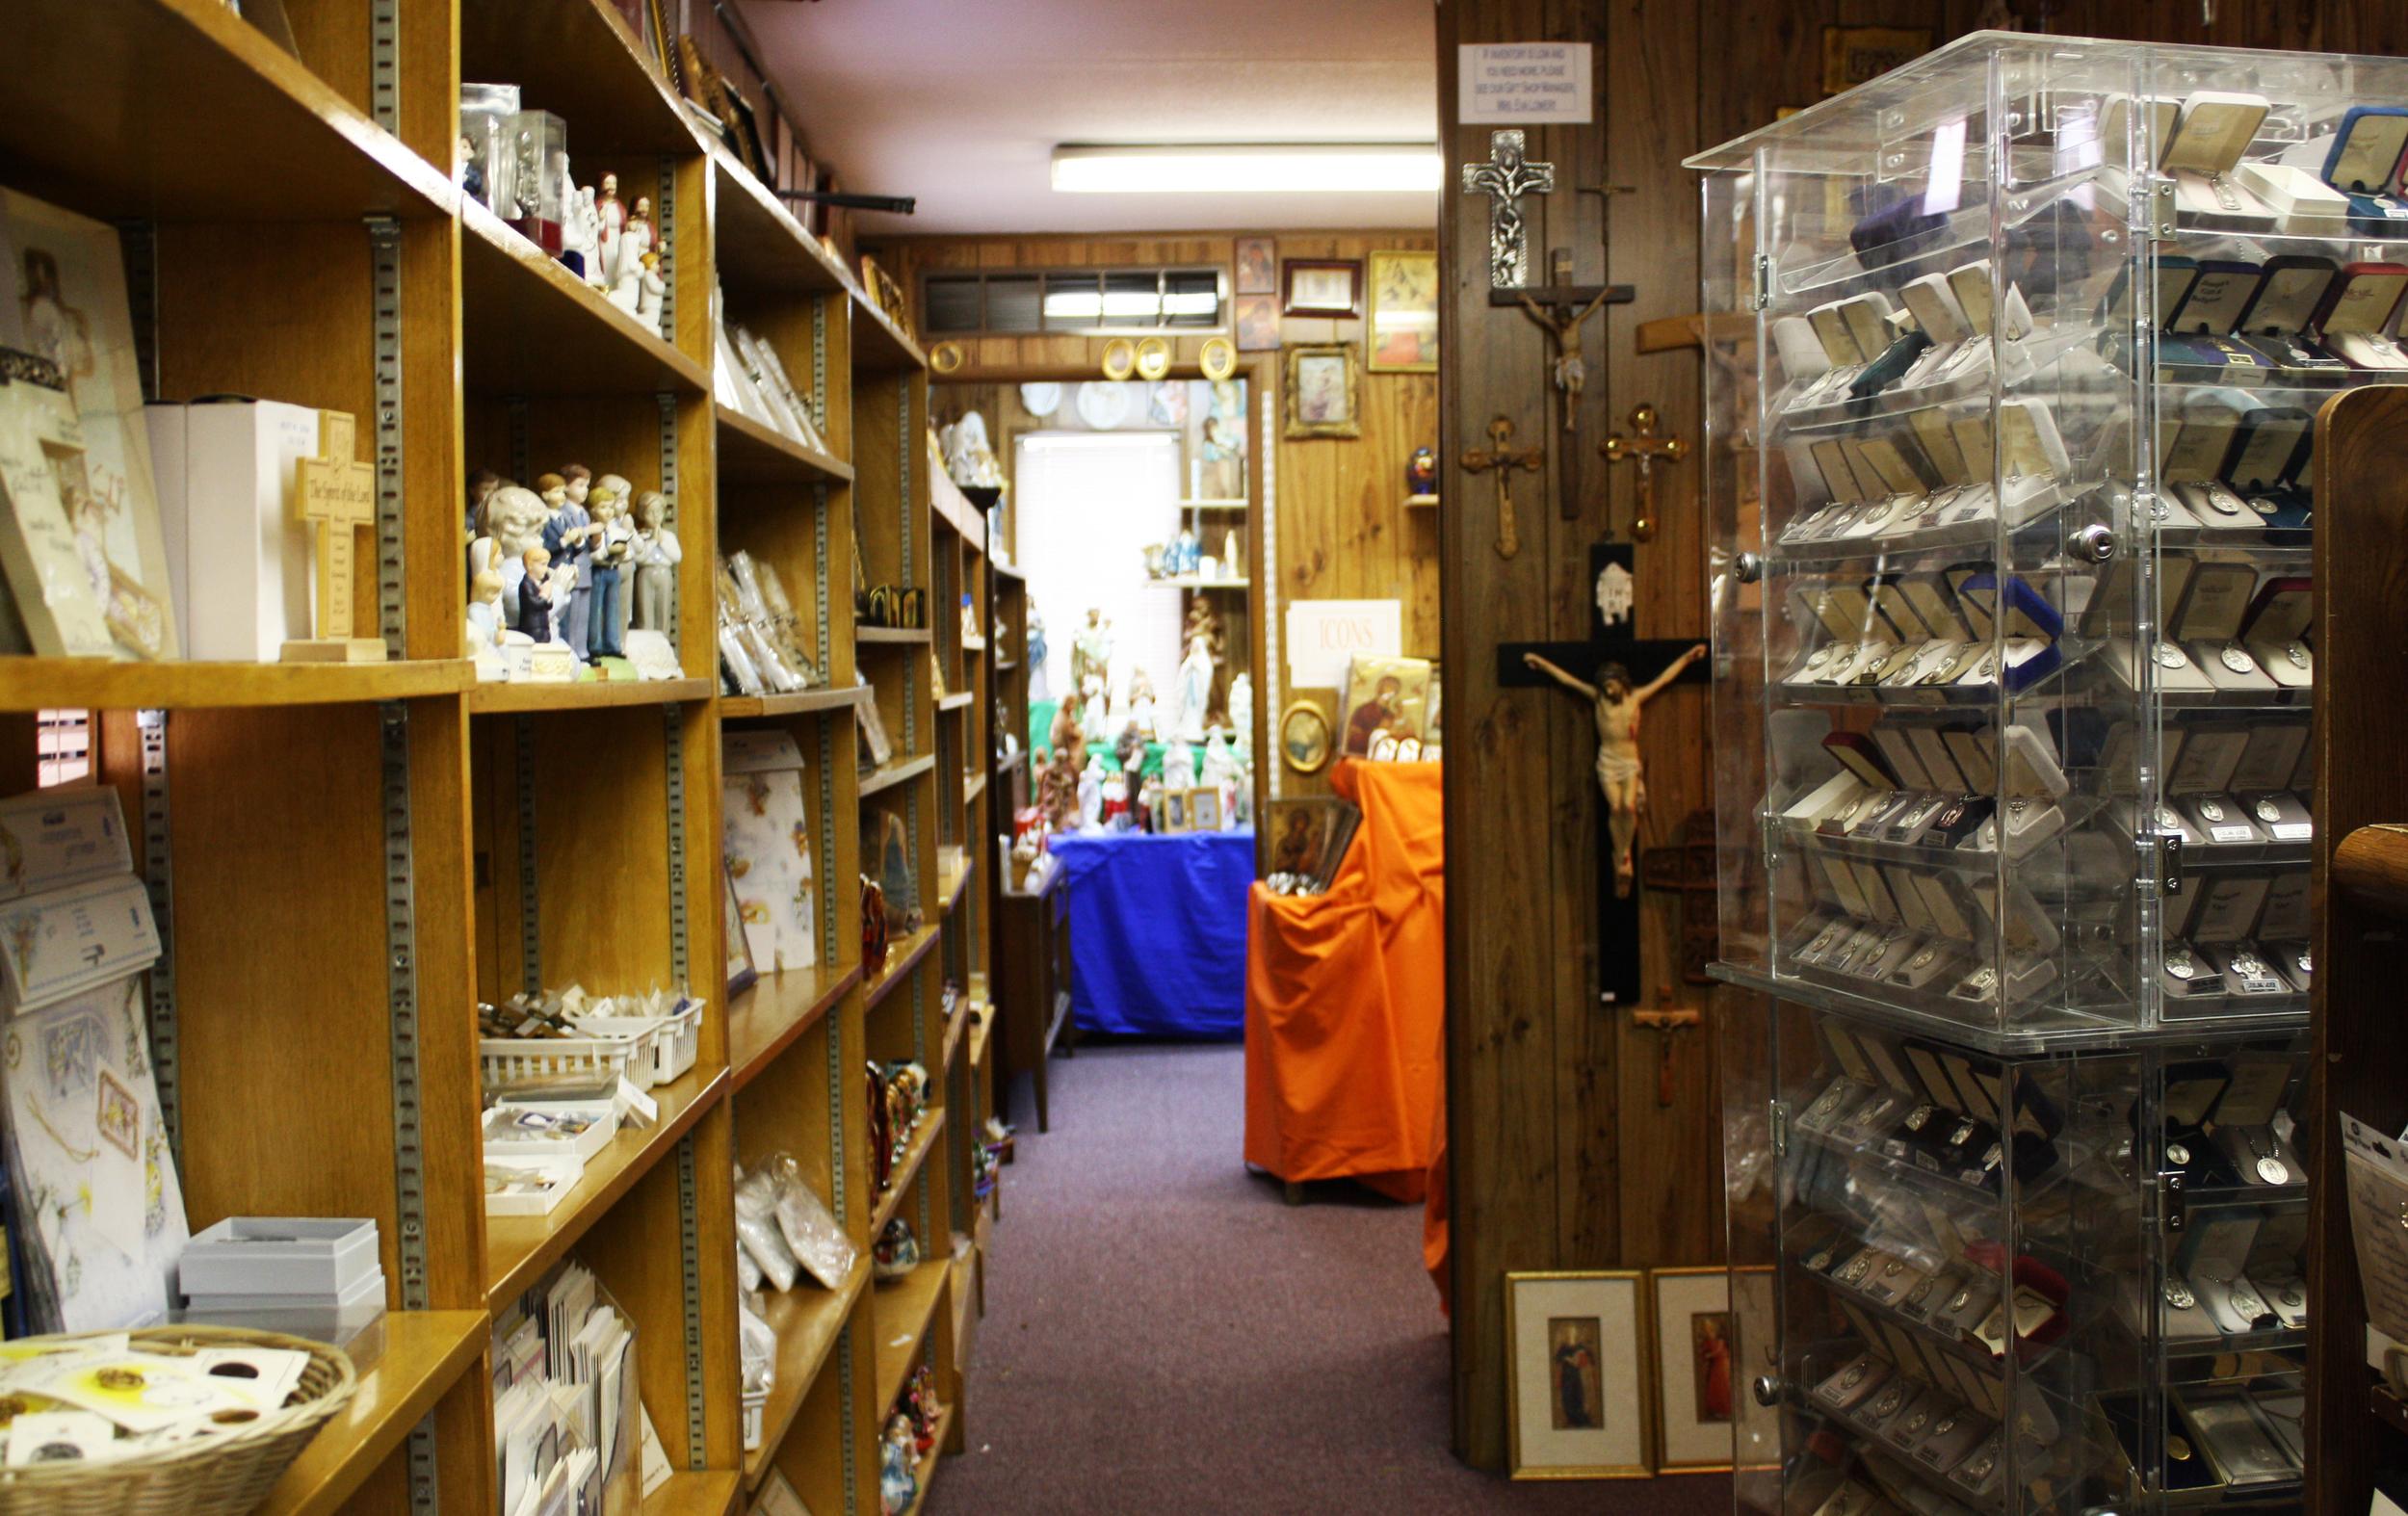 A Spacious Gift Shop